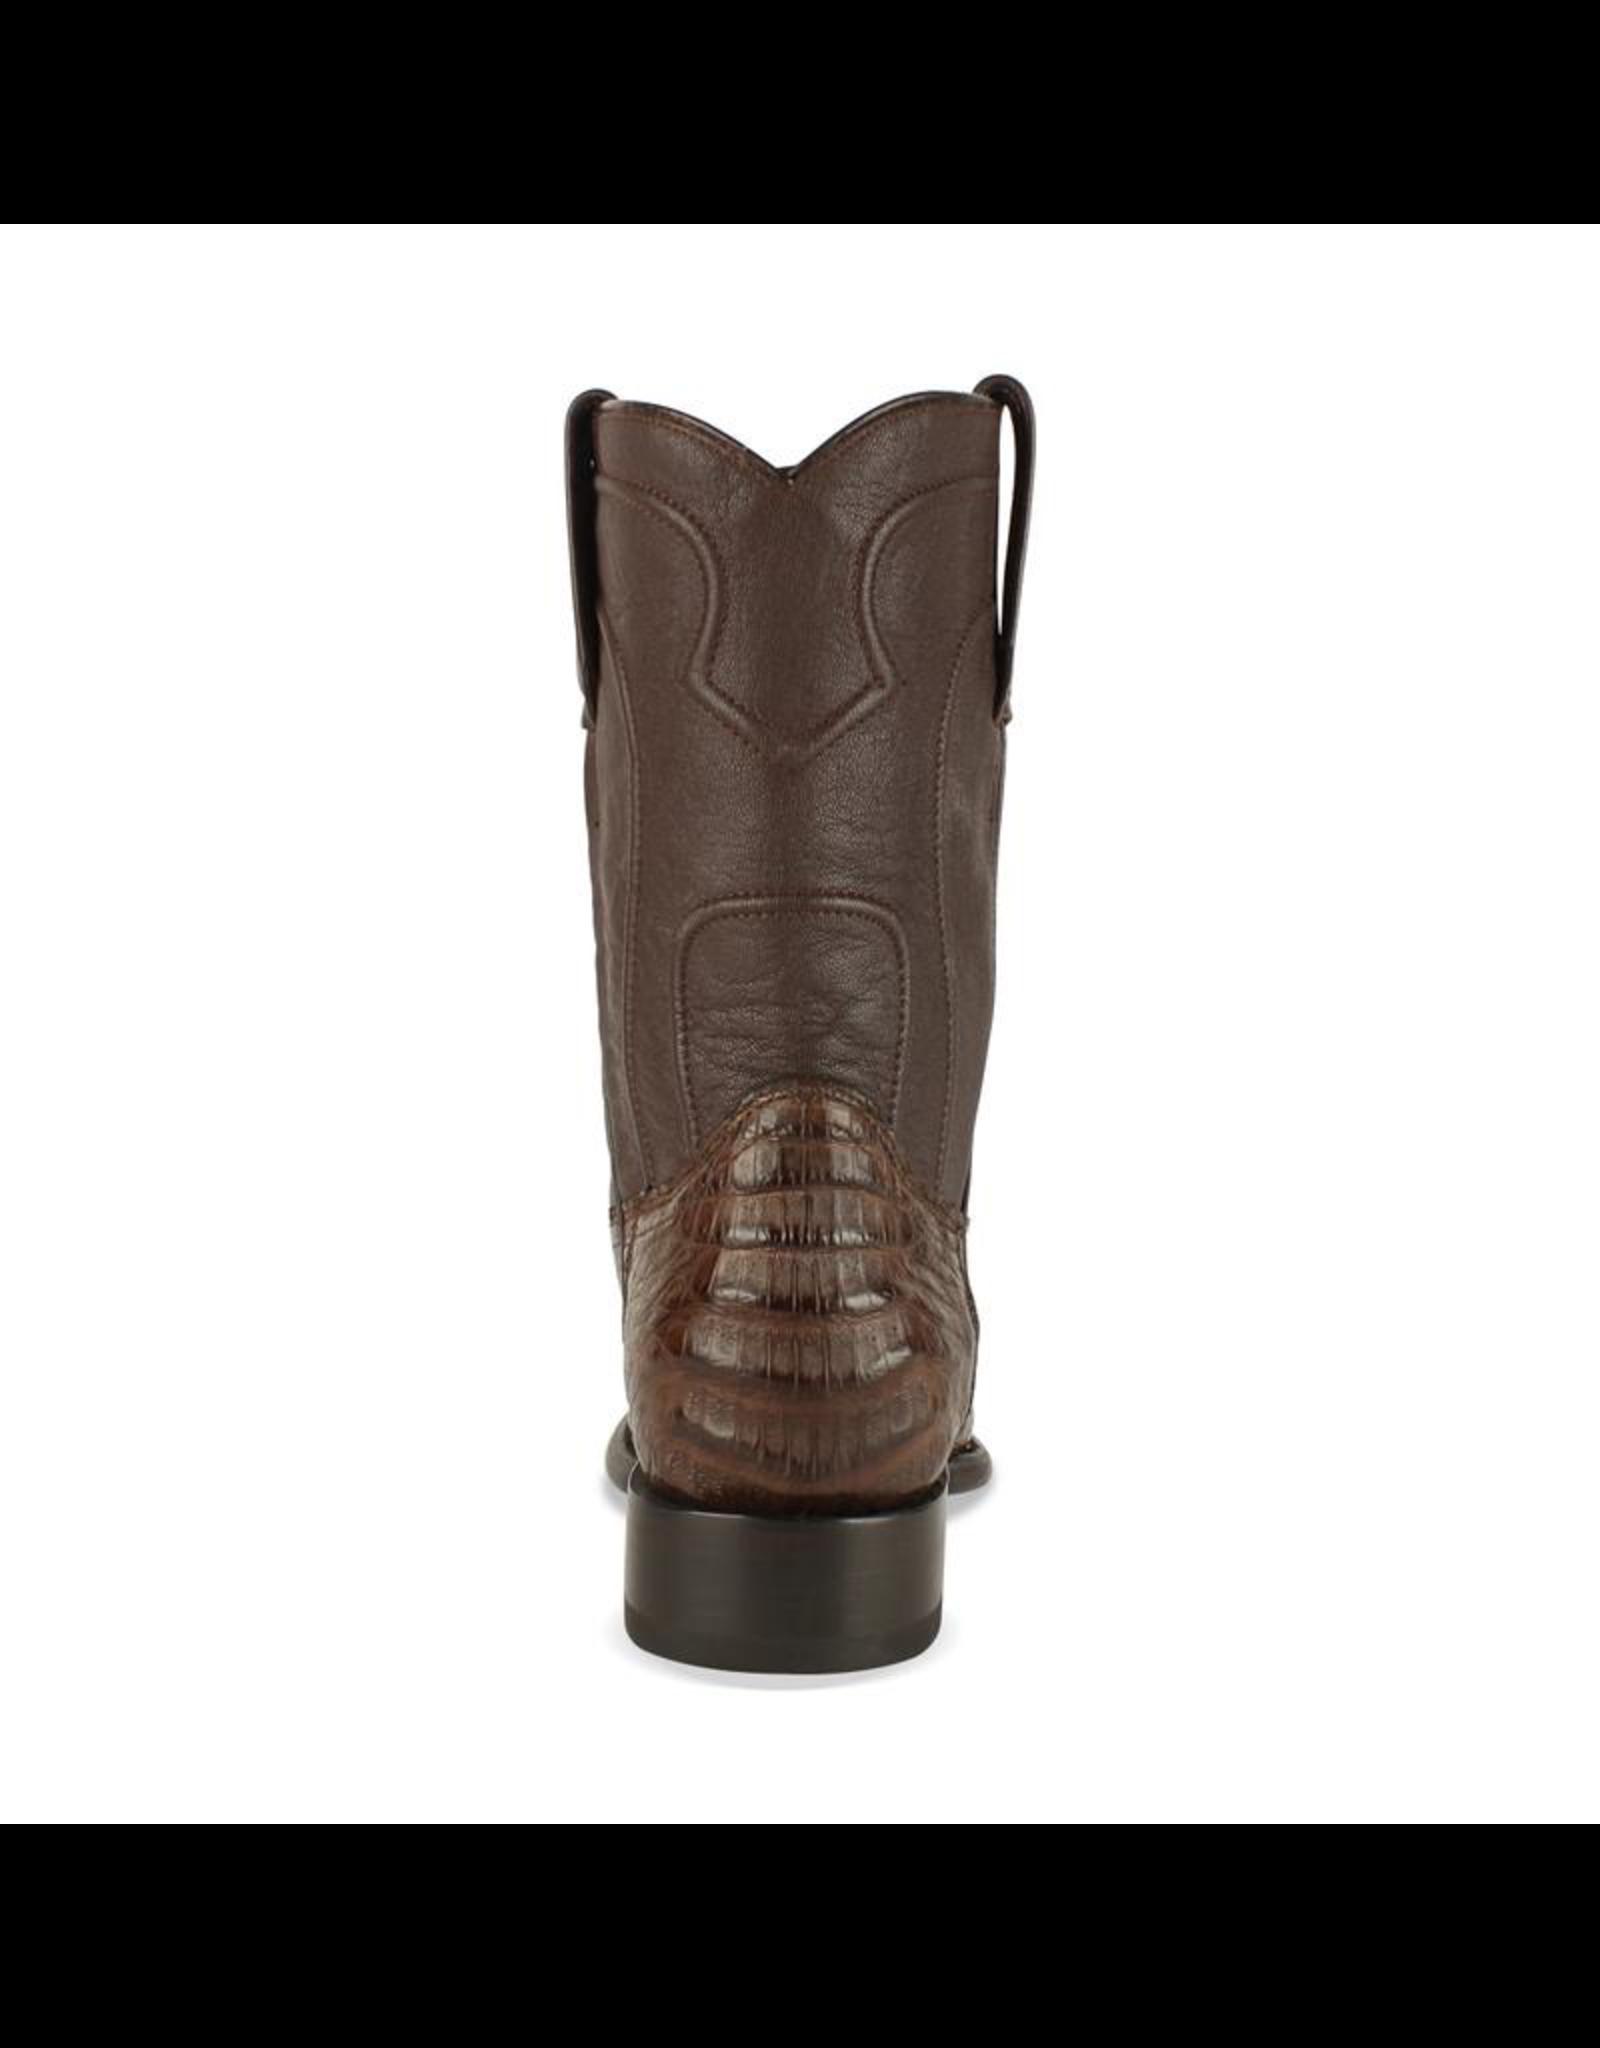 Boots-Men LOS ALTOS  Caiman Belly